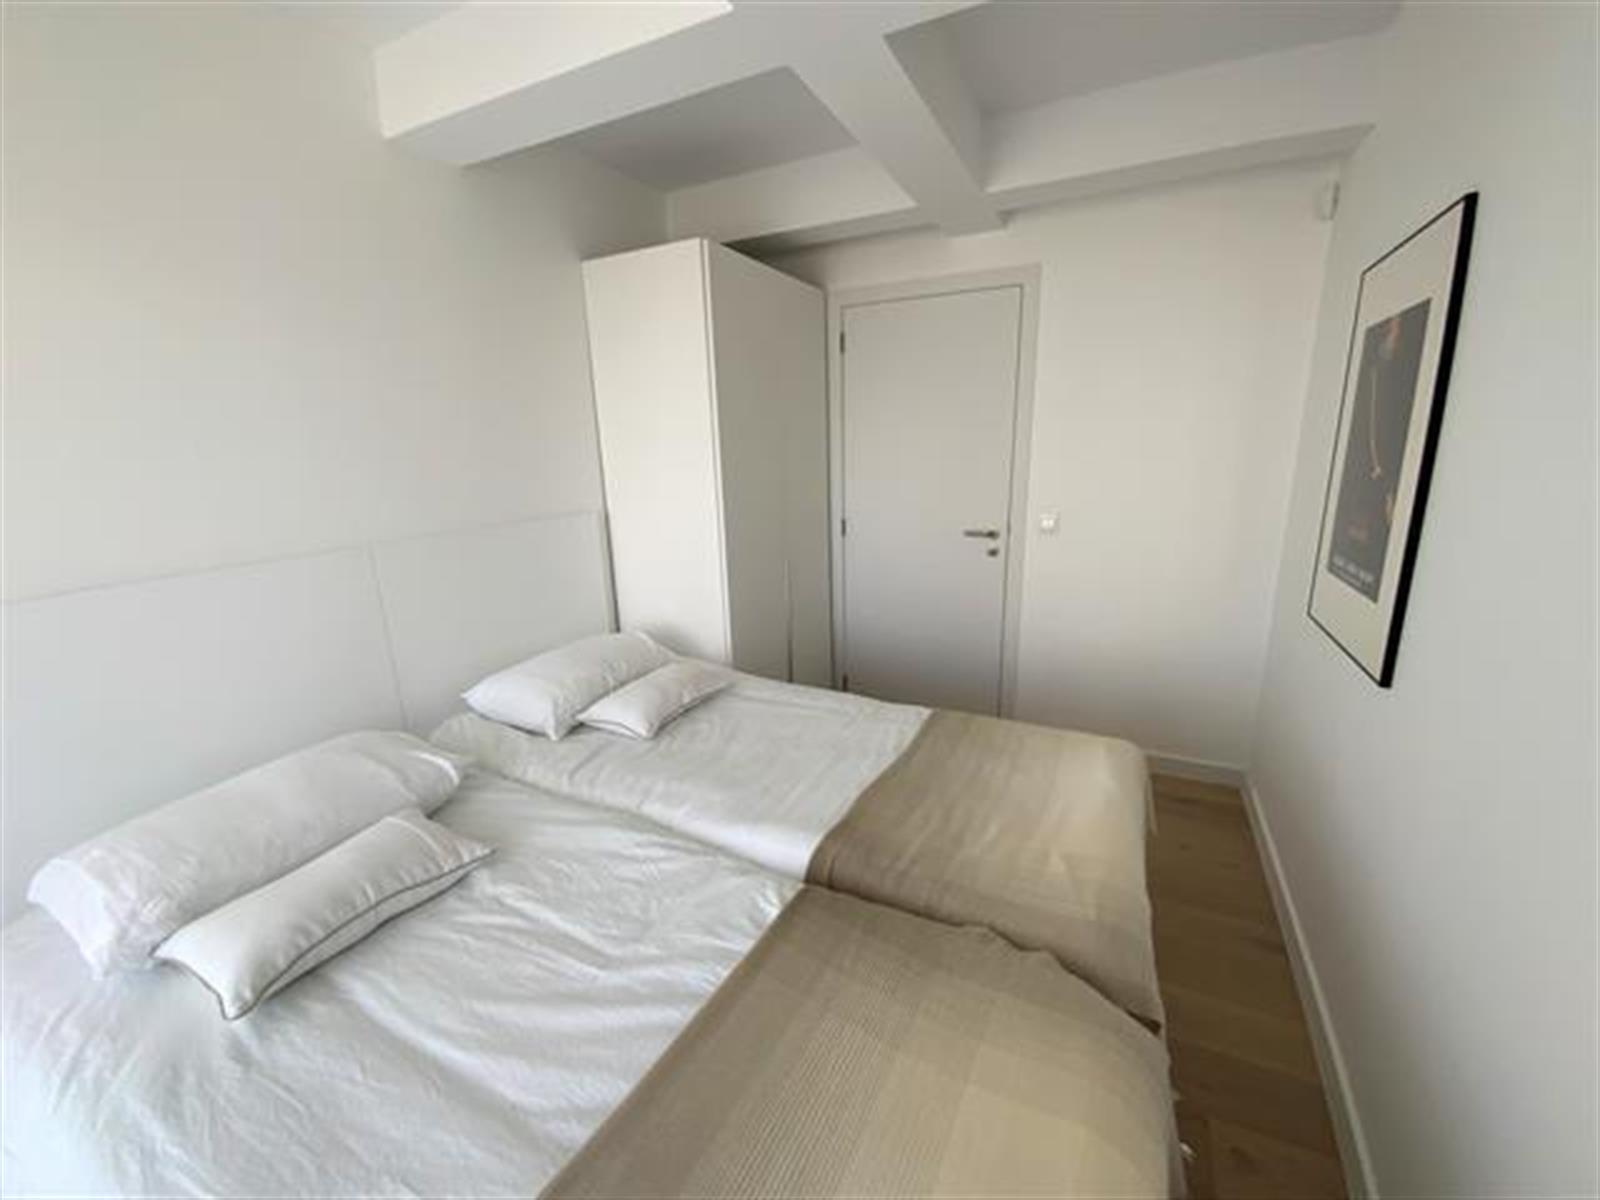 Flat - Ixelles - #4410787-4